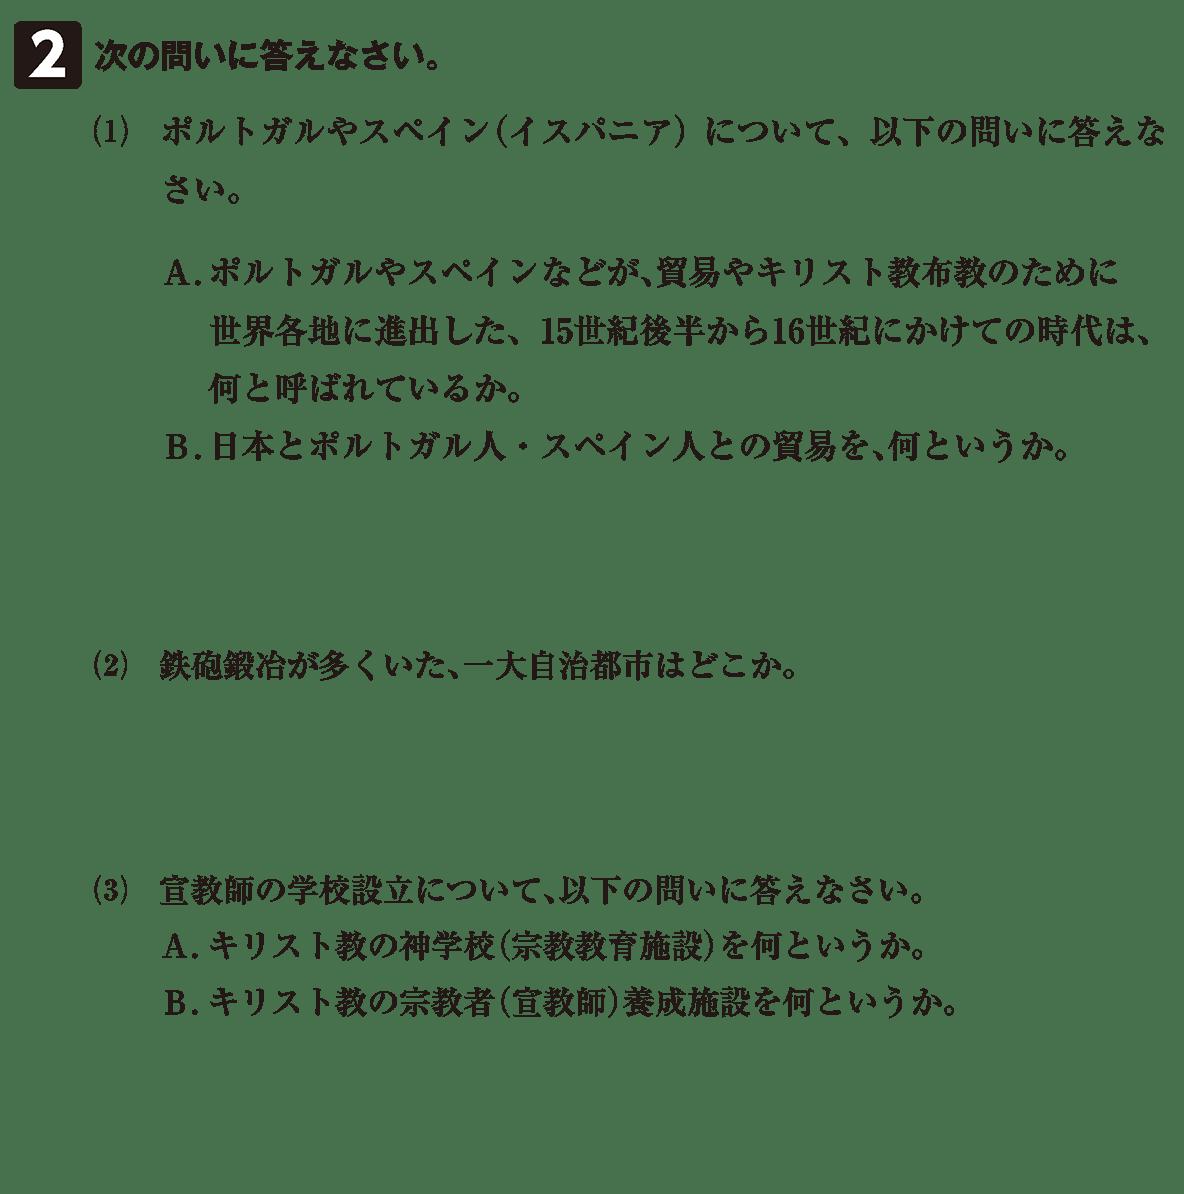 近世3 問題2 問題